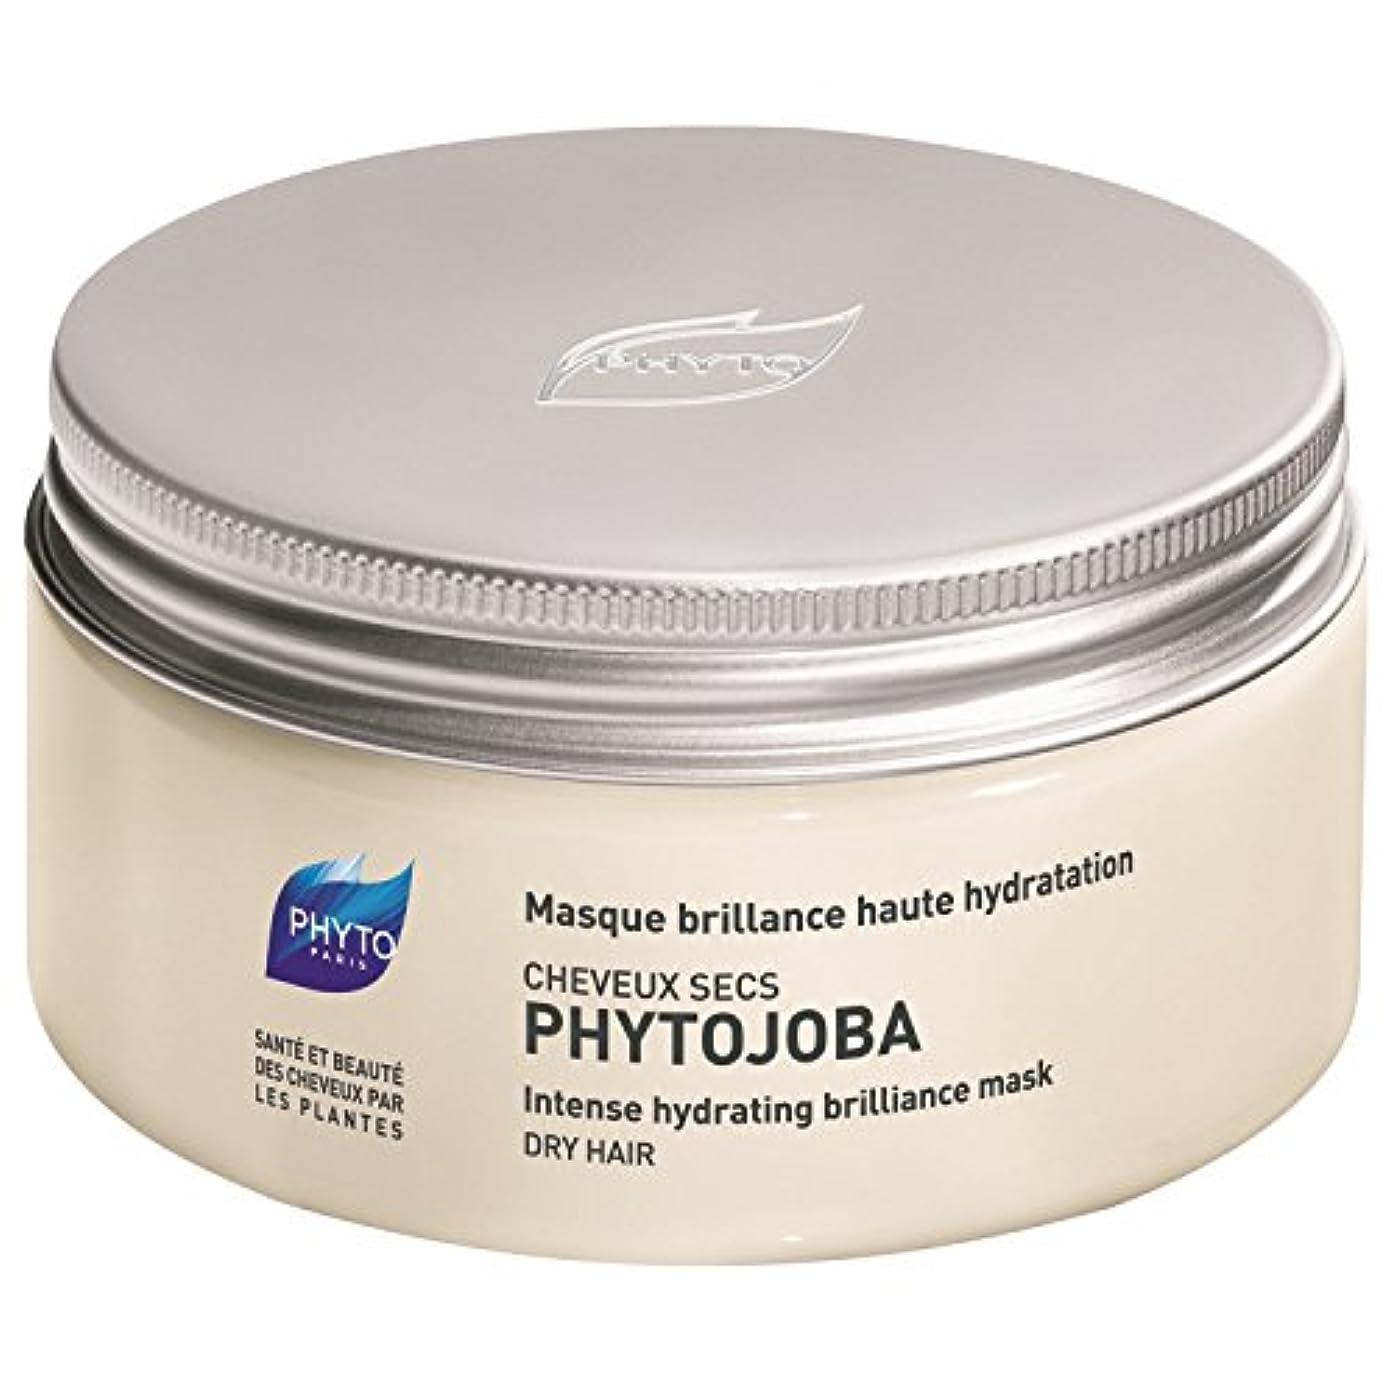 ファイター配当誰がフィトPhytojoba強烈な水分補給マスク200ミリリットル (Phyto) (x6) - Phyto Phytojoba Intense Hydrating Mask 200ml (Pack of 6) [並行輸入品]